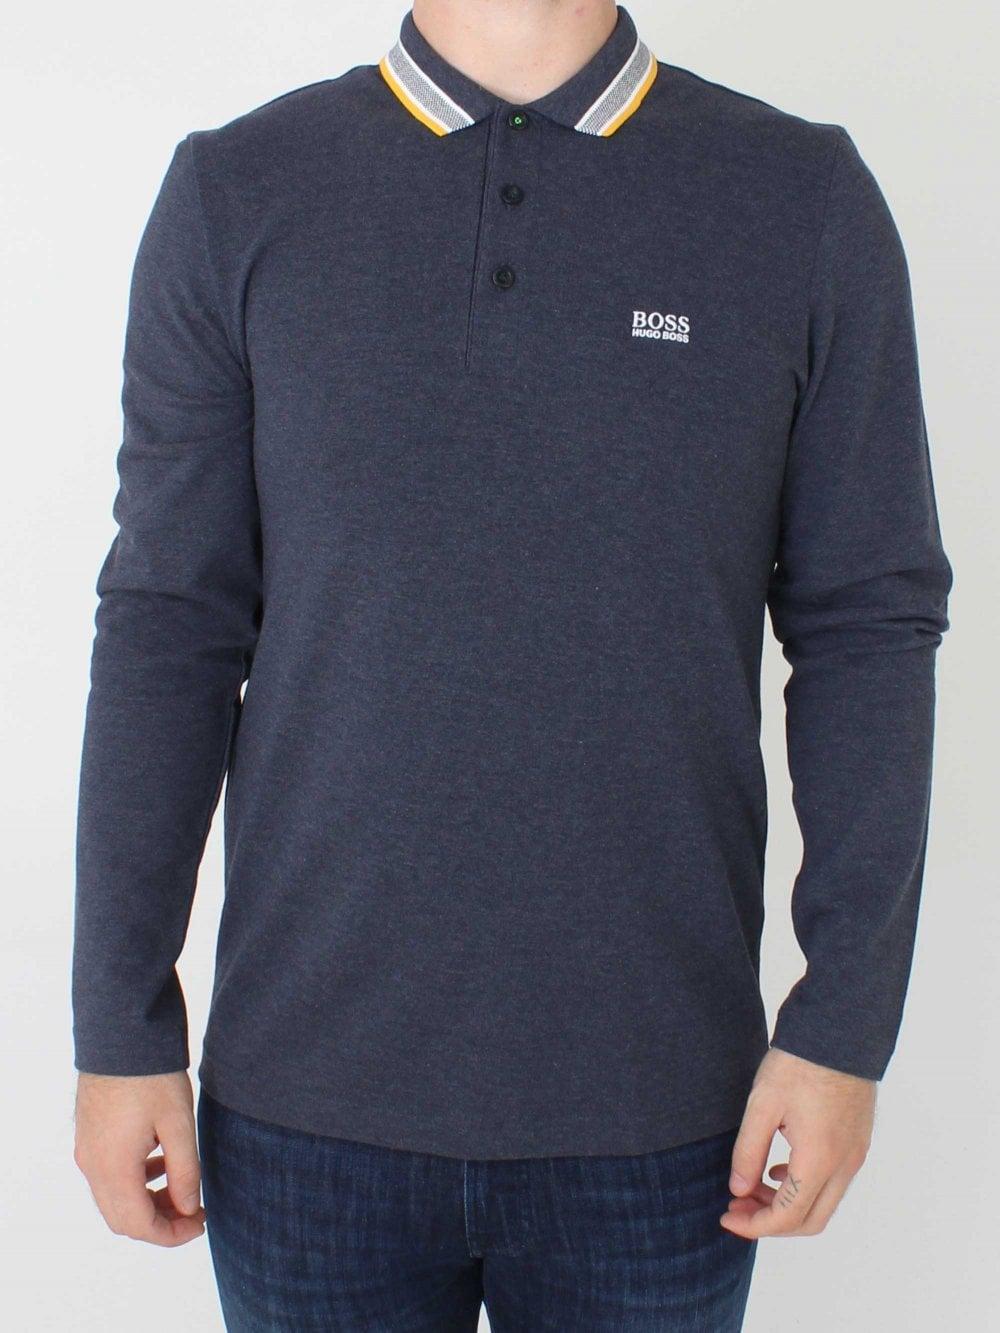 4929a7104 Hugo Boss Plisy Long Sleeve Polo in Navy